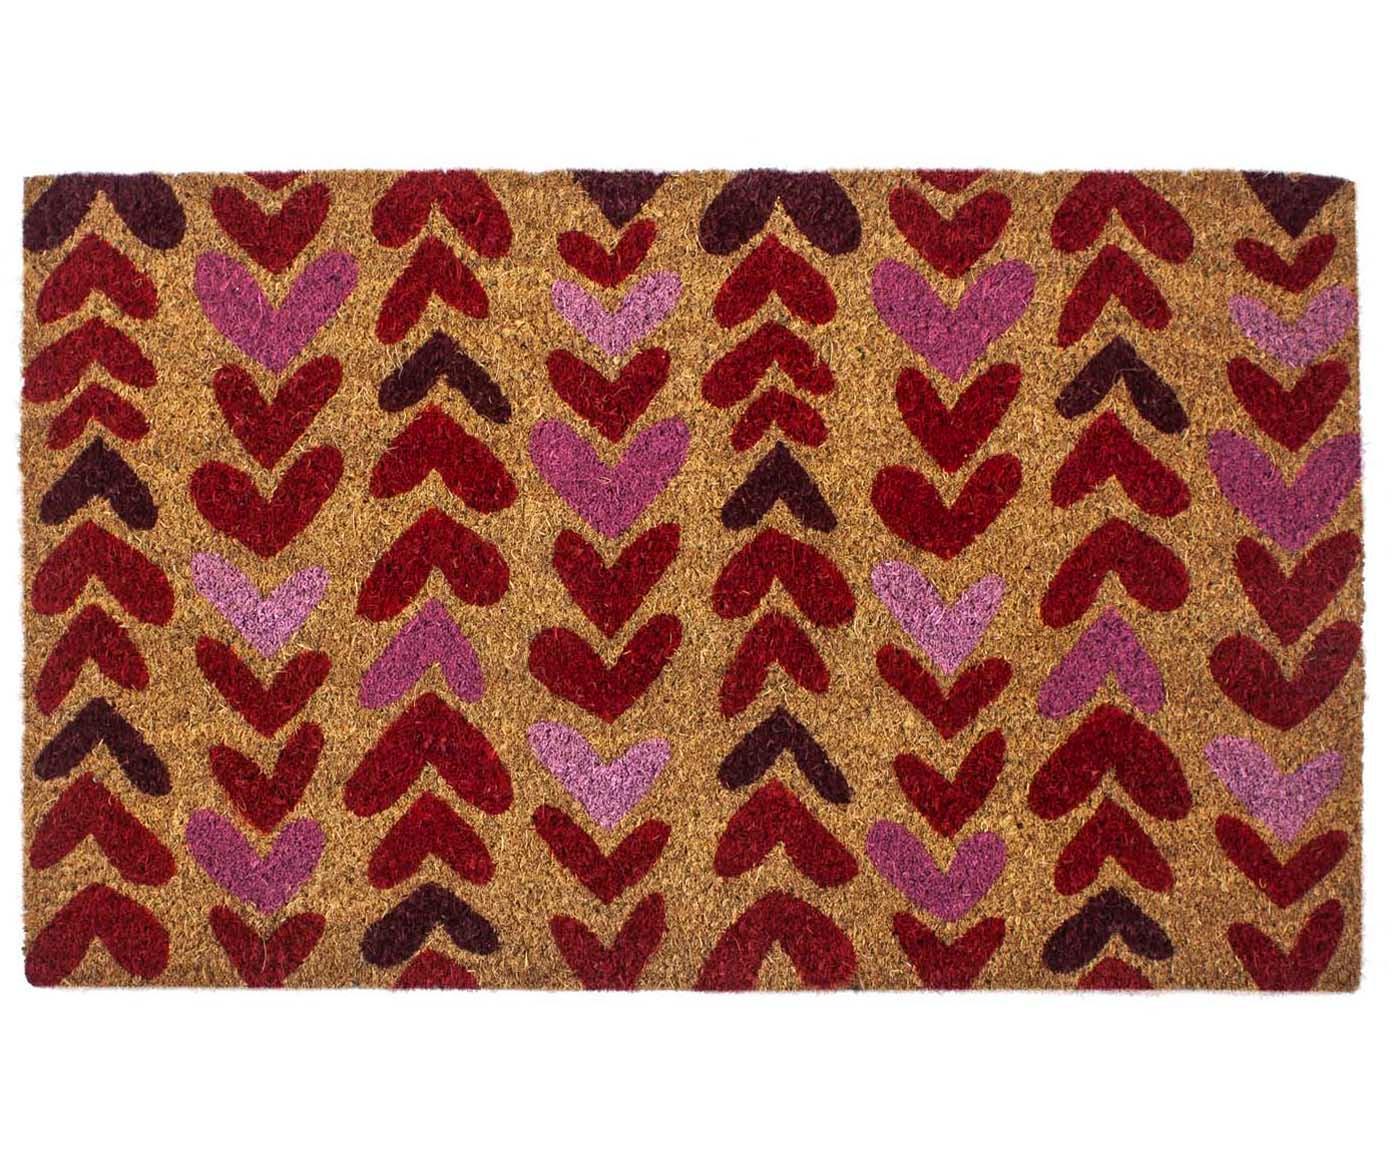 Deurmat Heartwood, Bovenzijde: kokosvezels, Onderzijde: PVC, Beige, rood, roze, 43 x 70 cm